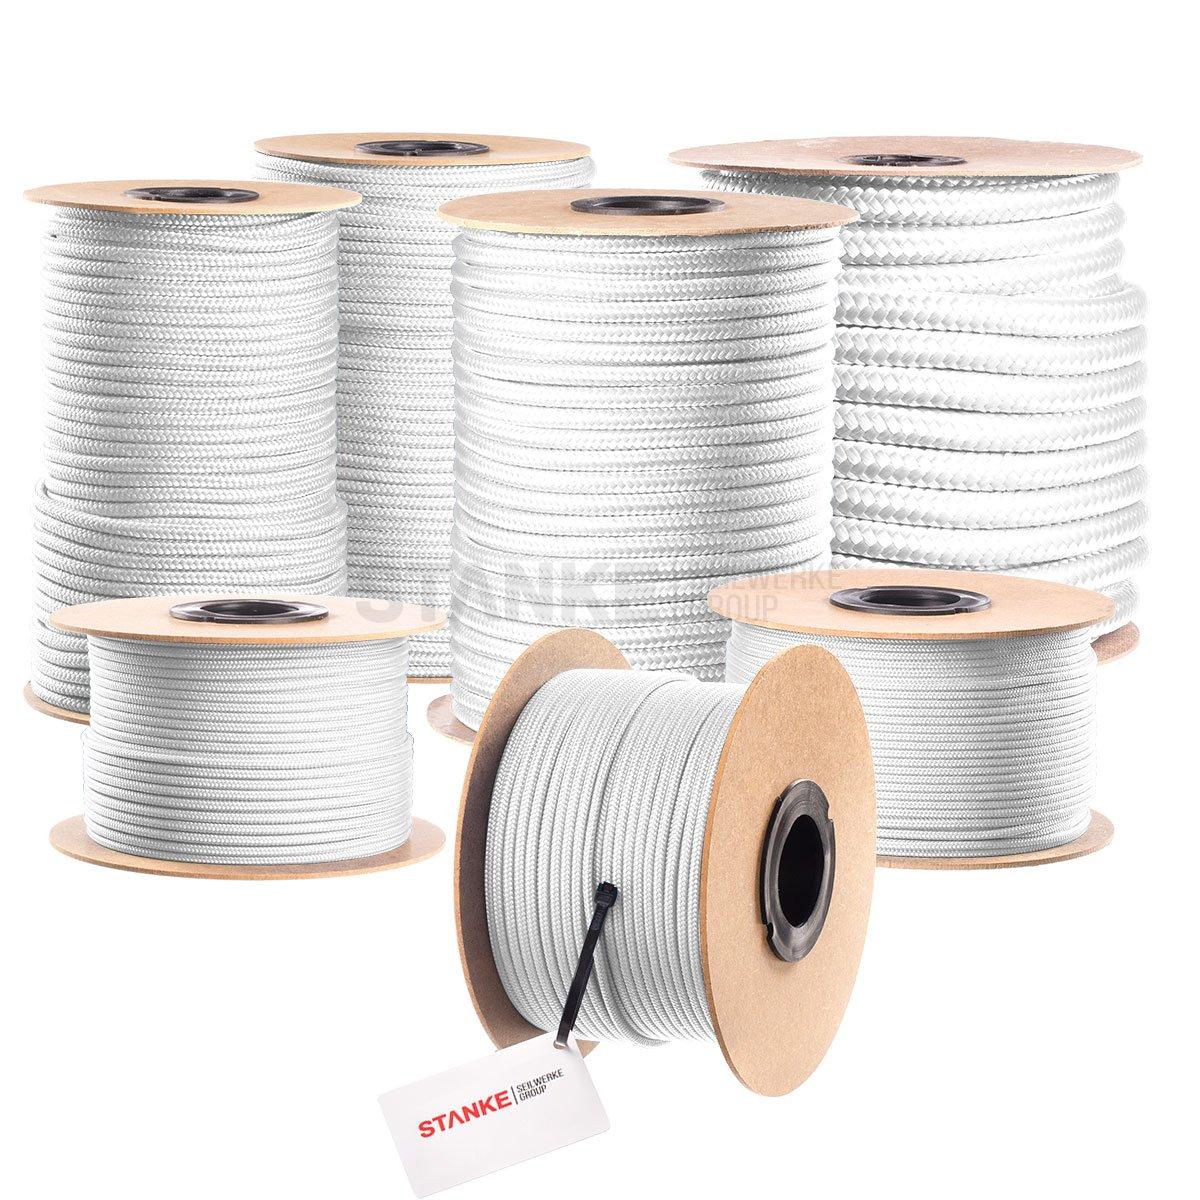 Seilwerk STANKE 50 m 4 mm corda in polipropilene corda intrecciata pp corda bianca corda da ormeggio corda intrecciata corda da ritorto